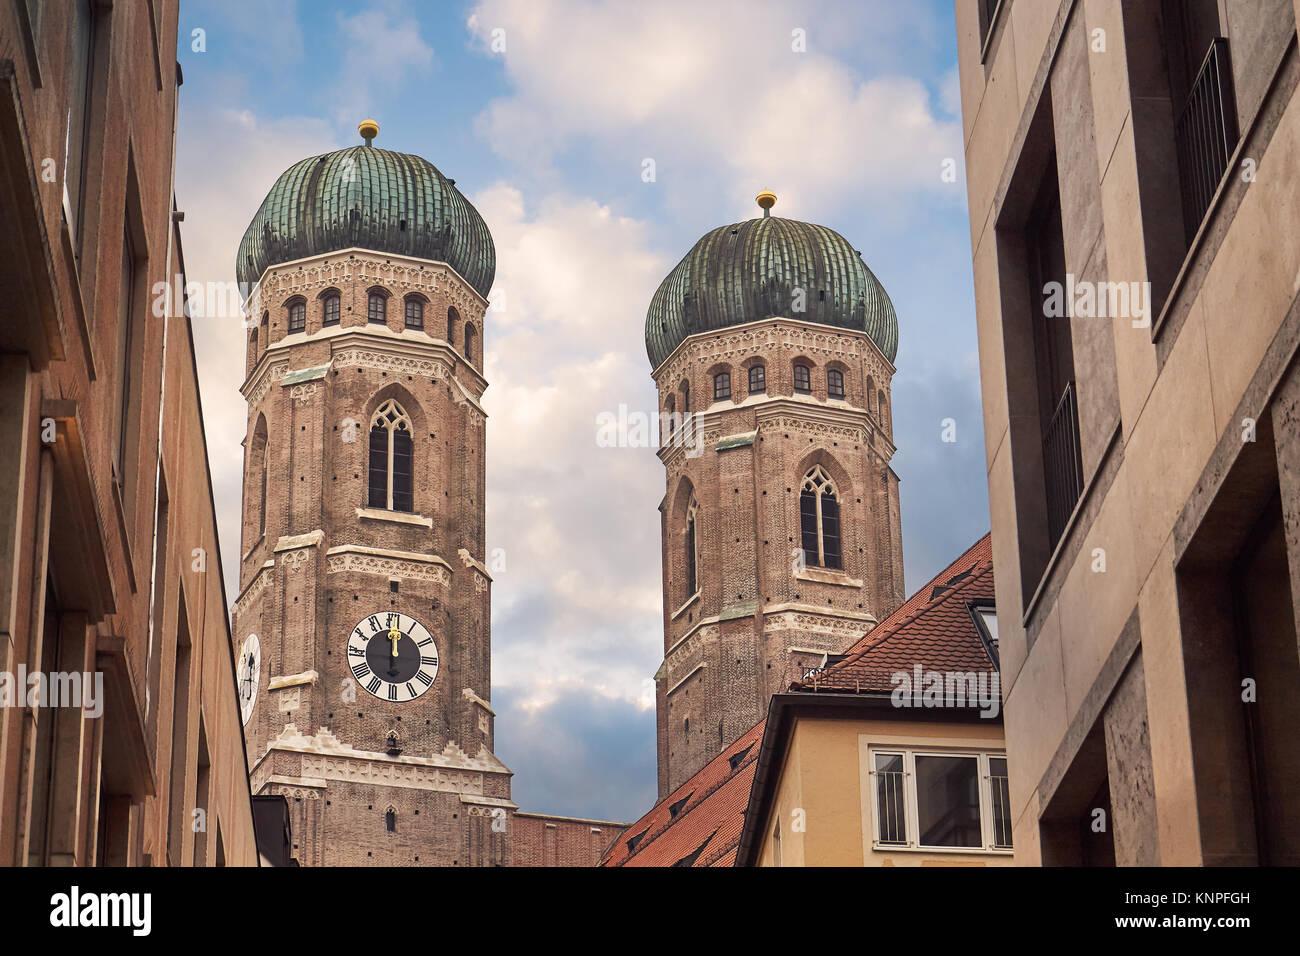 Las torres de la Catedral de nuestra querida Señora (Frauenkirche) en Munich, Alemania. Imagen De Stock